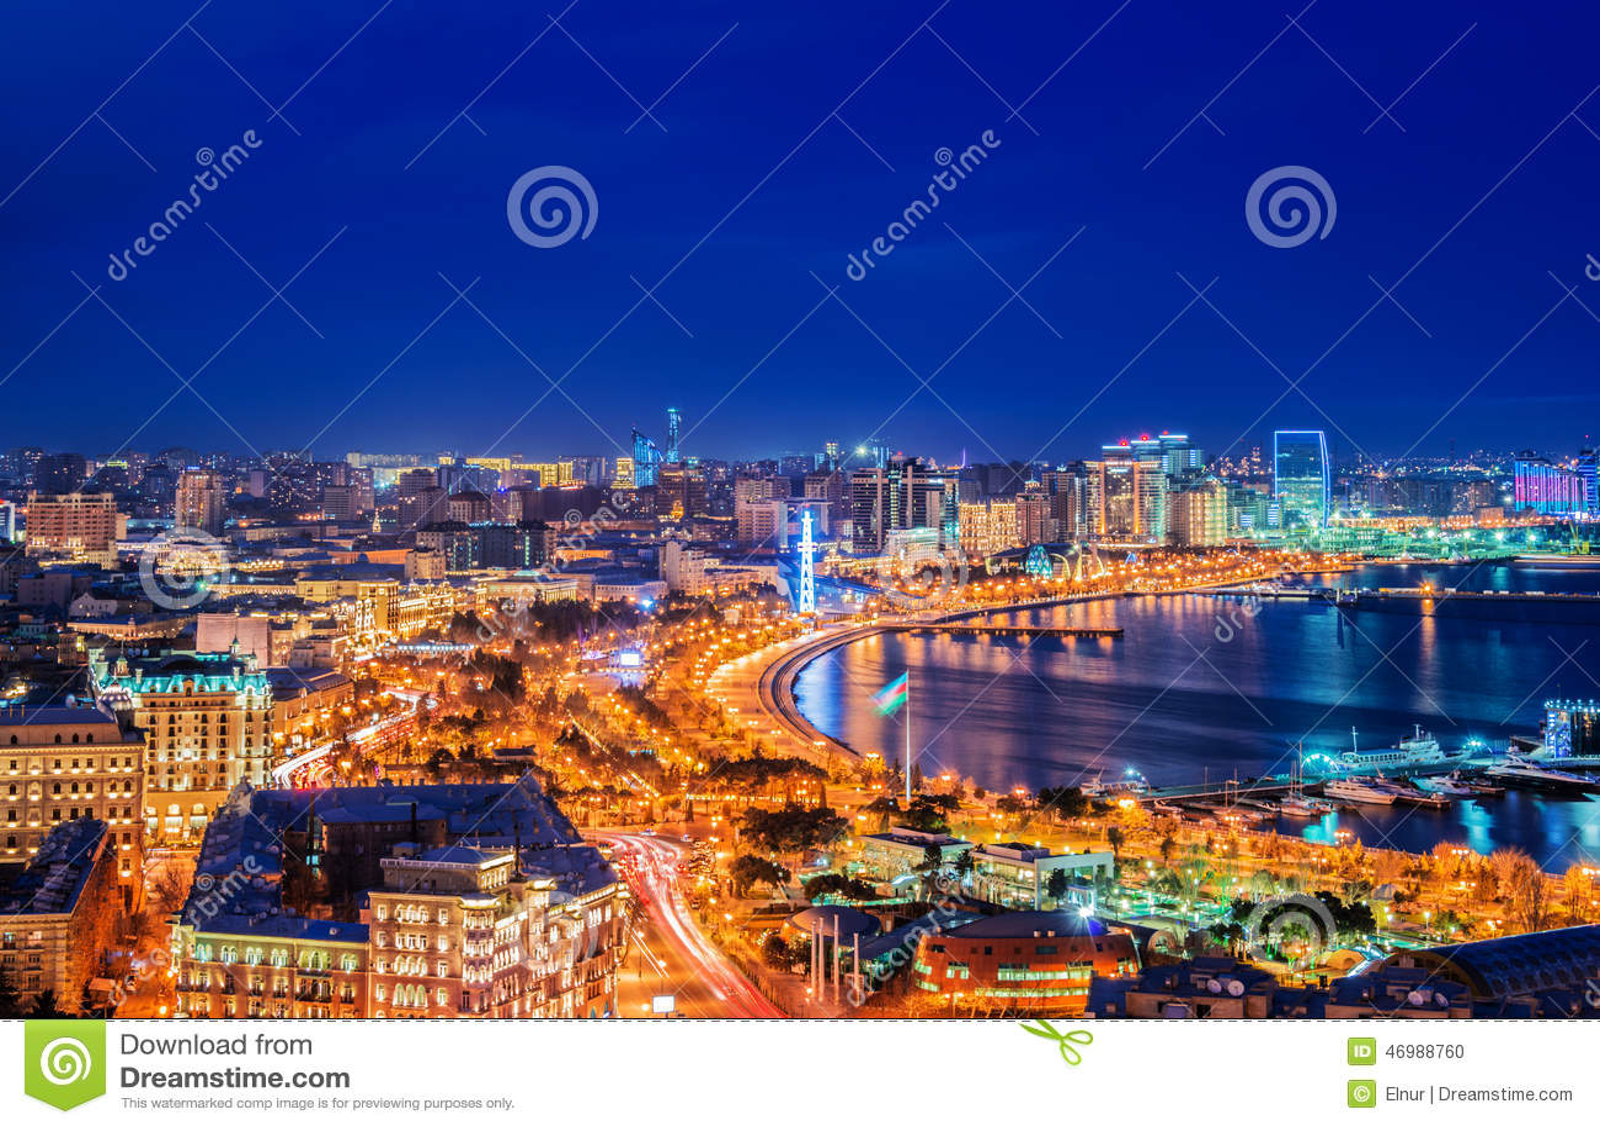 Μπακού, Αζερμπαϊτζάν